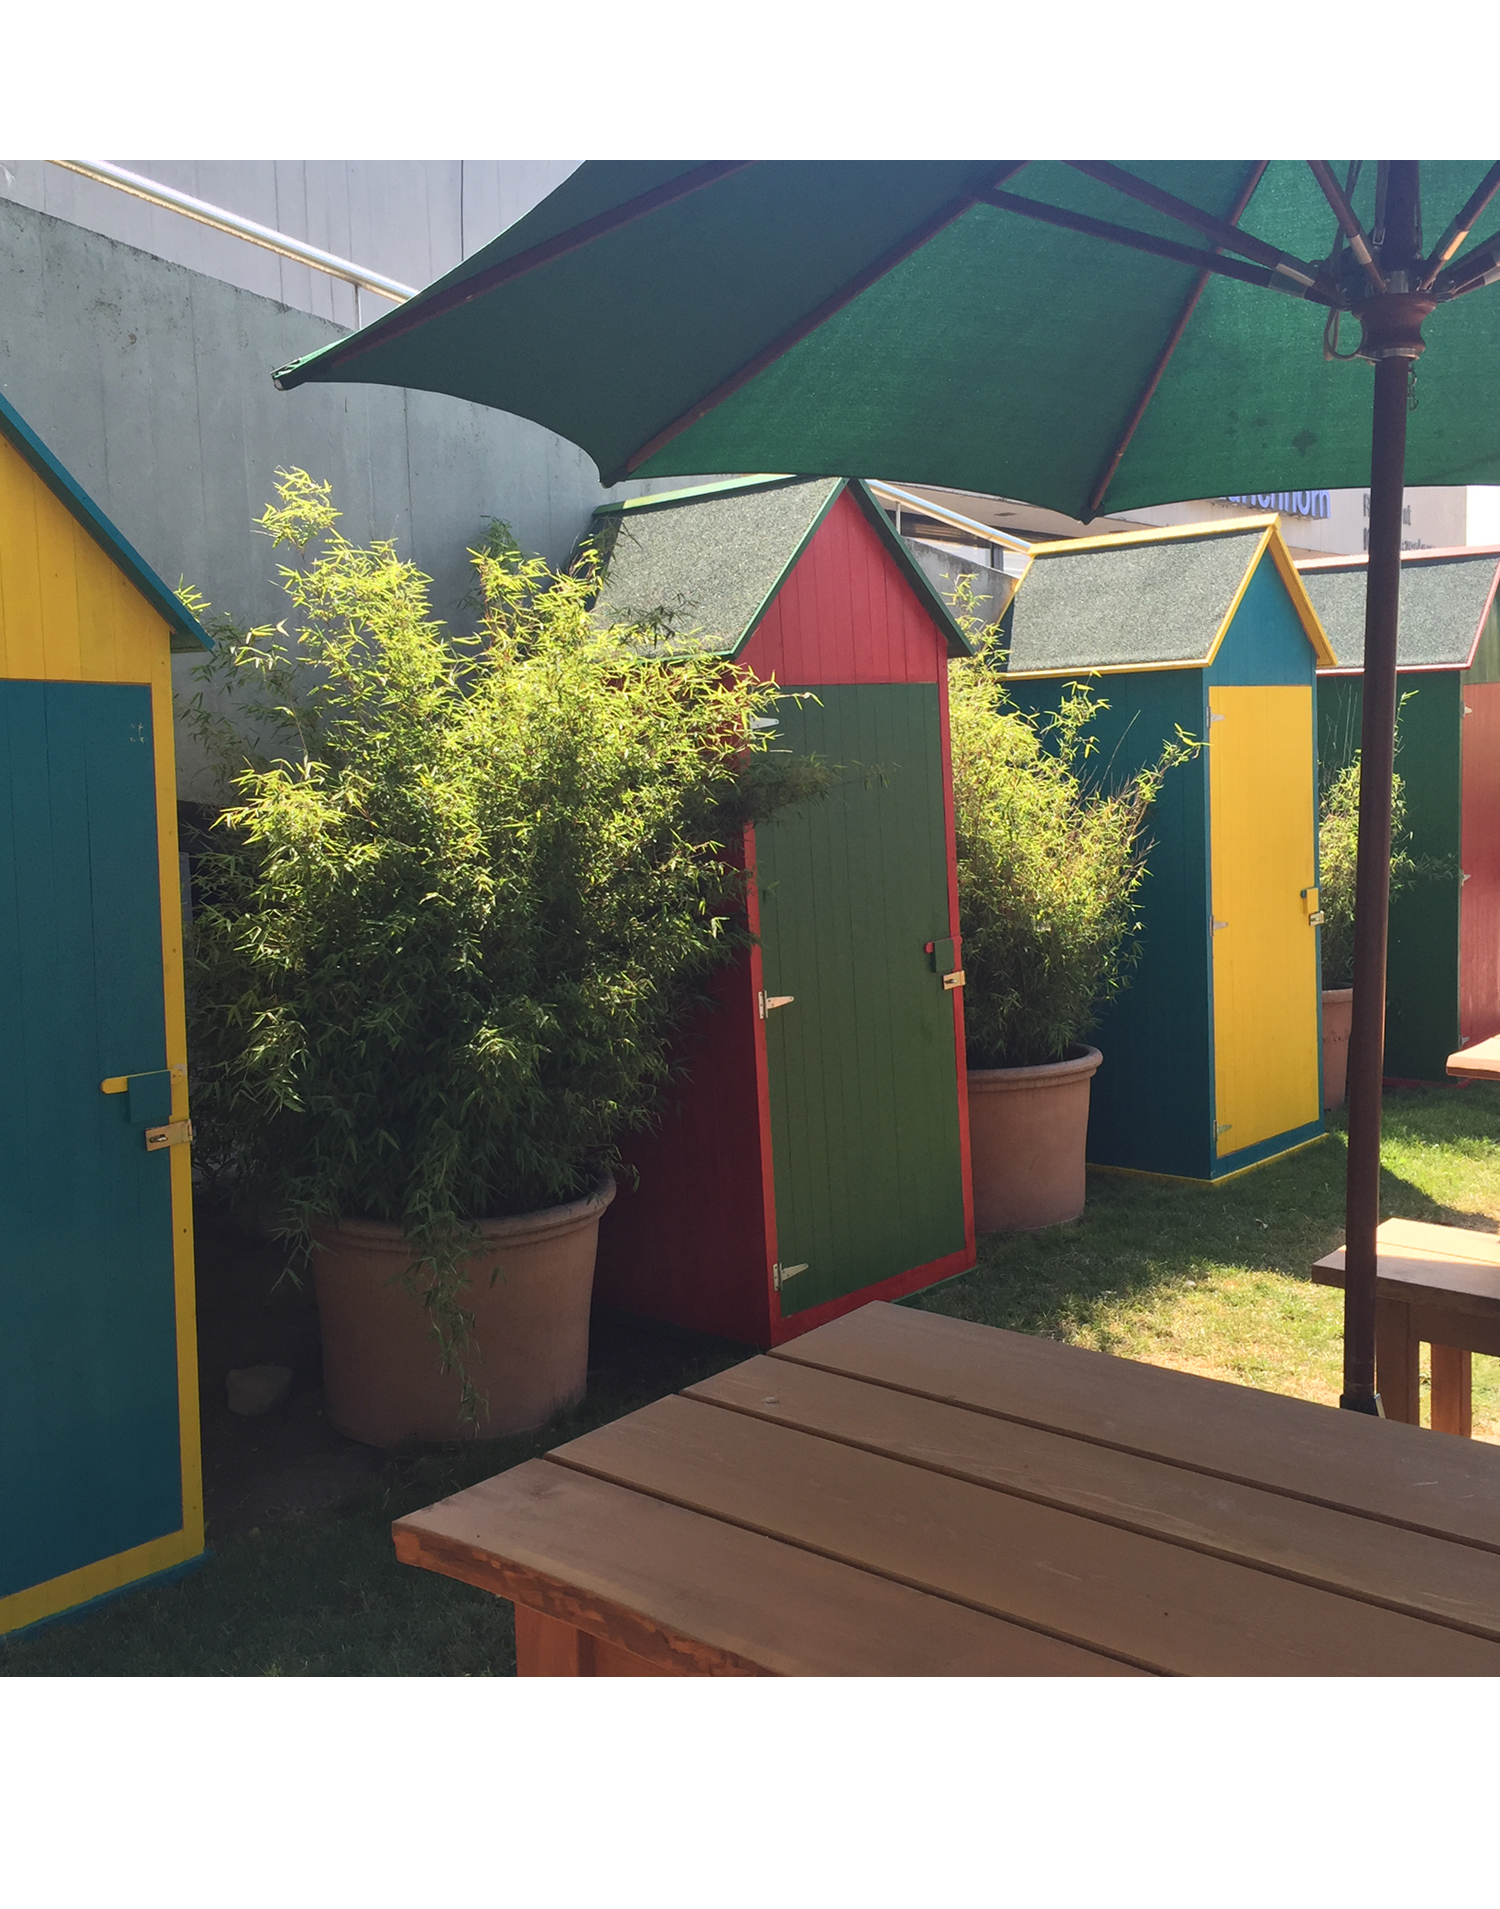 Gartenmobel Abdeckhauben Obi : Farbe Wählen Sie eine Option hell lasiert hellgrau rot lasiert